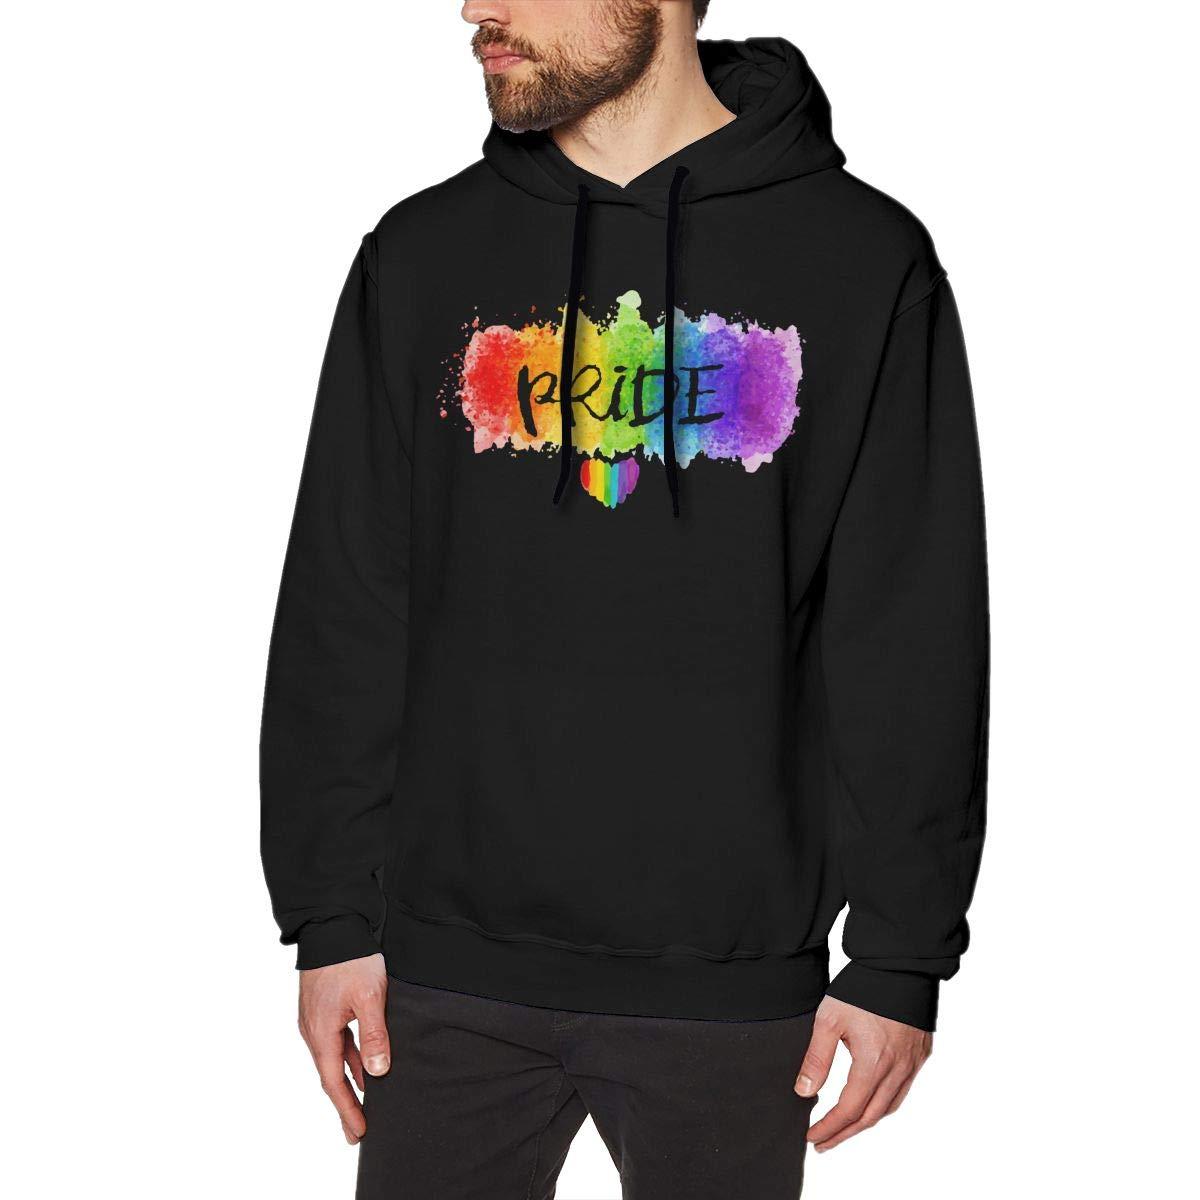 Jiw9w67 Lgbt Pride S Outerwear Black Shirts